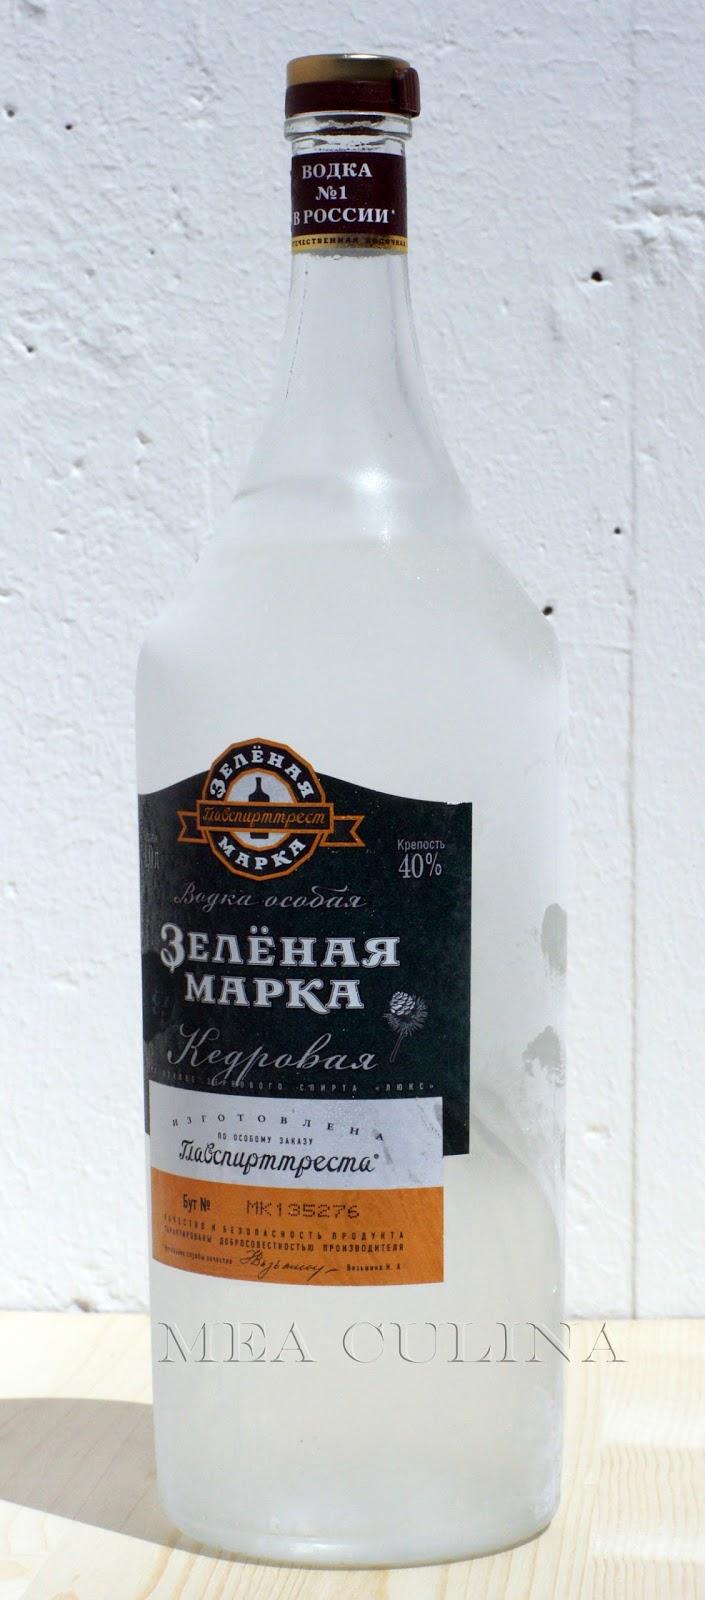 mea culina ein echt russisches thema wodka und salzgurken. Black Bedroom Furniture Sets. Home Design Ideas